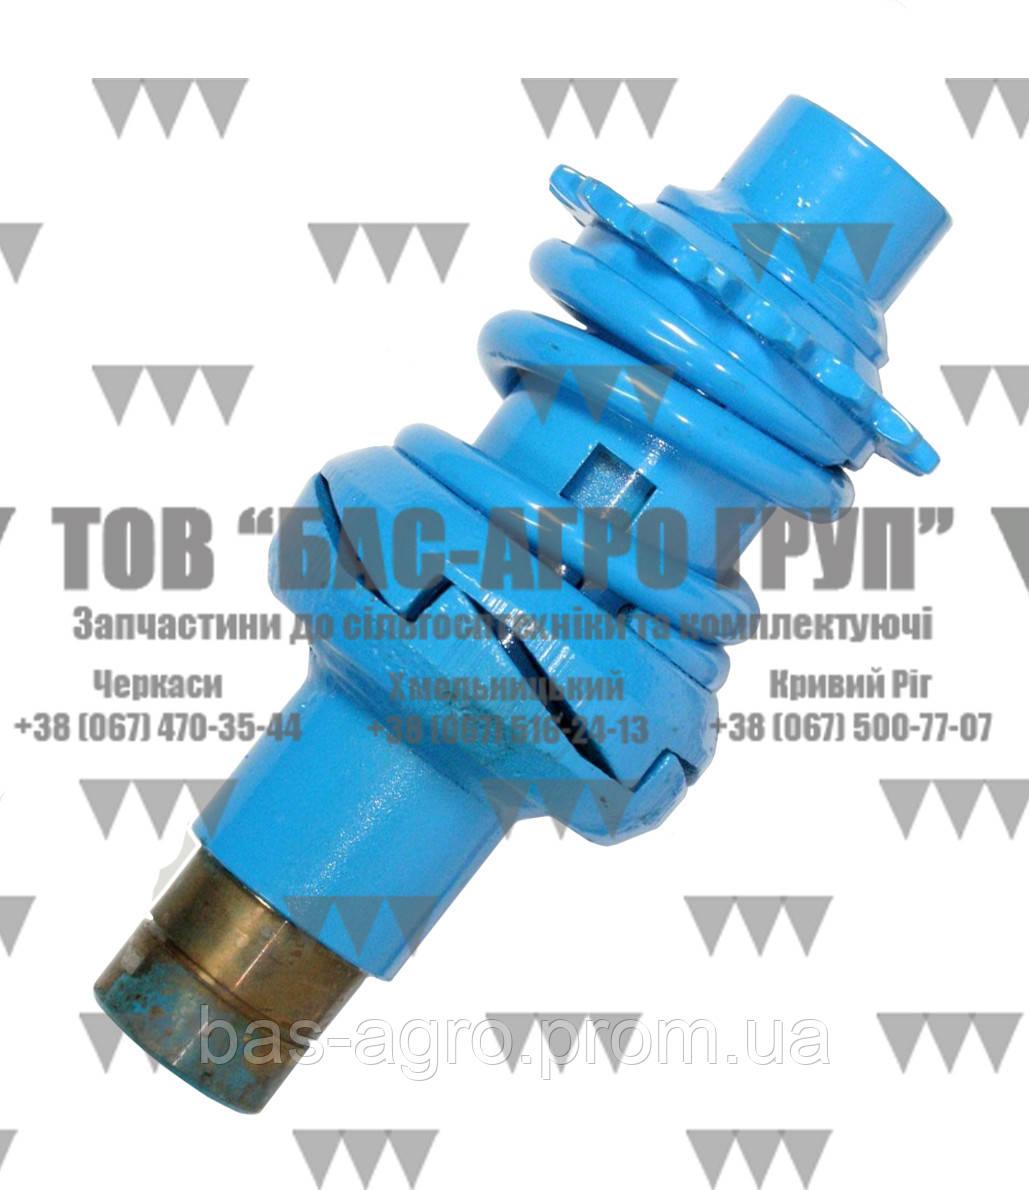 Блок привода 7435 (65104301) Monosem аналог